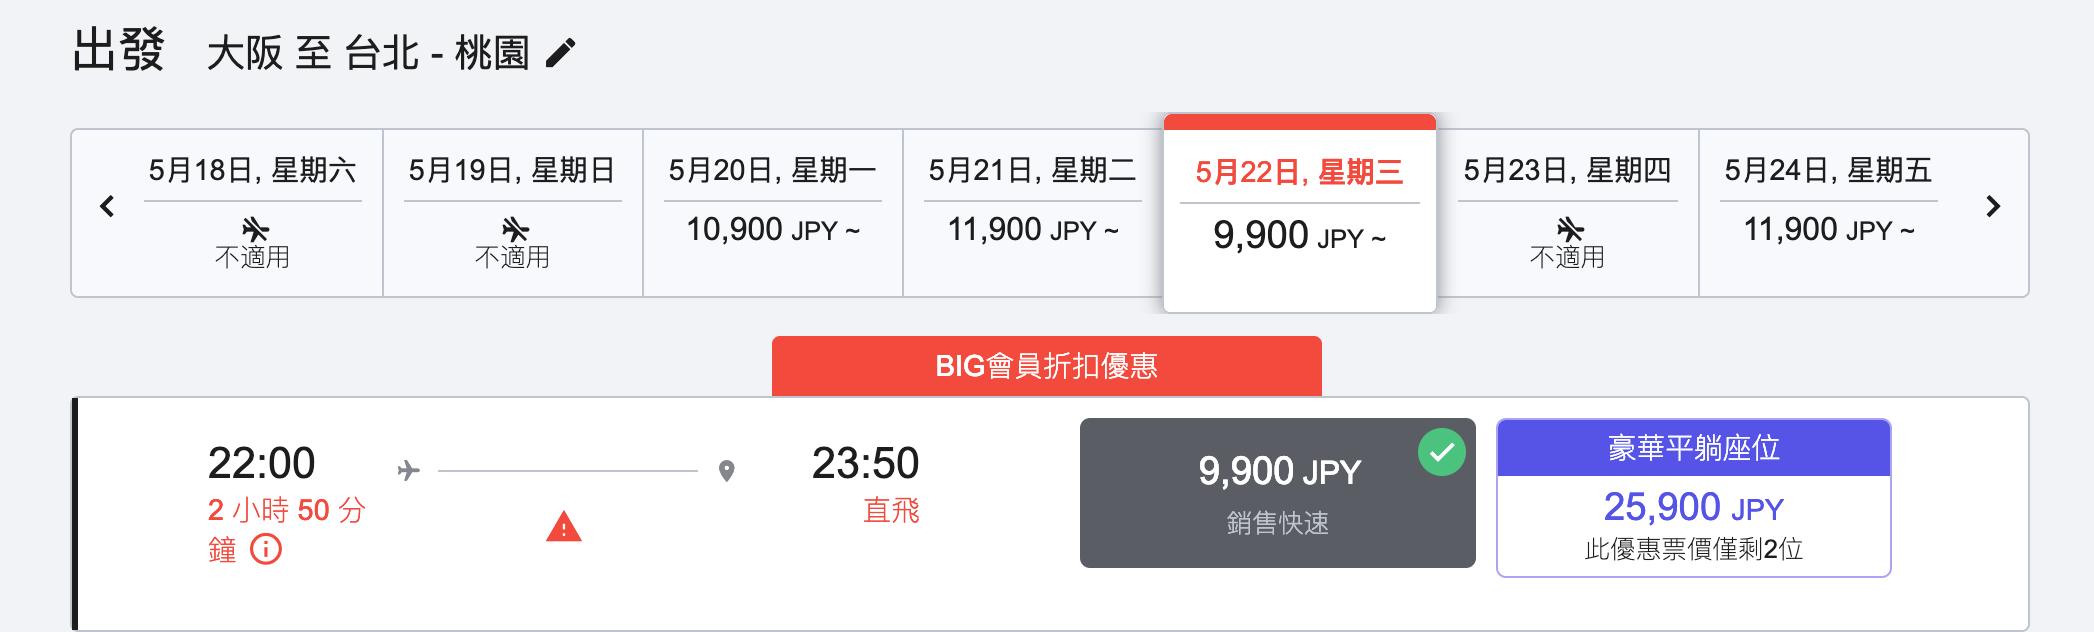 即時熱門文章:亞洲航空特價!善用促銷組合航線價格名古屋-大阪組合,你也可以走跳大日本~小撇步教你更便宜的方法(查票:108.2.26)